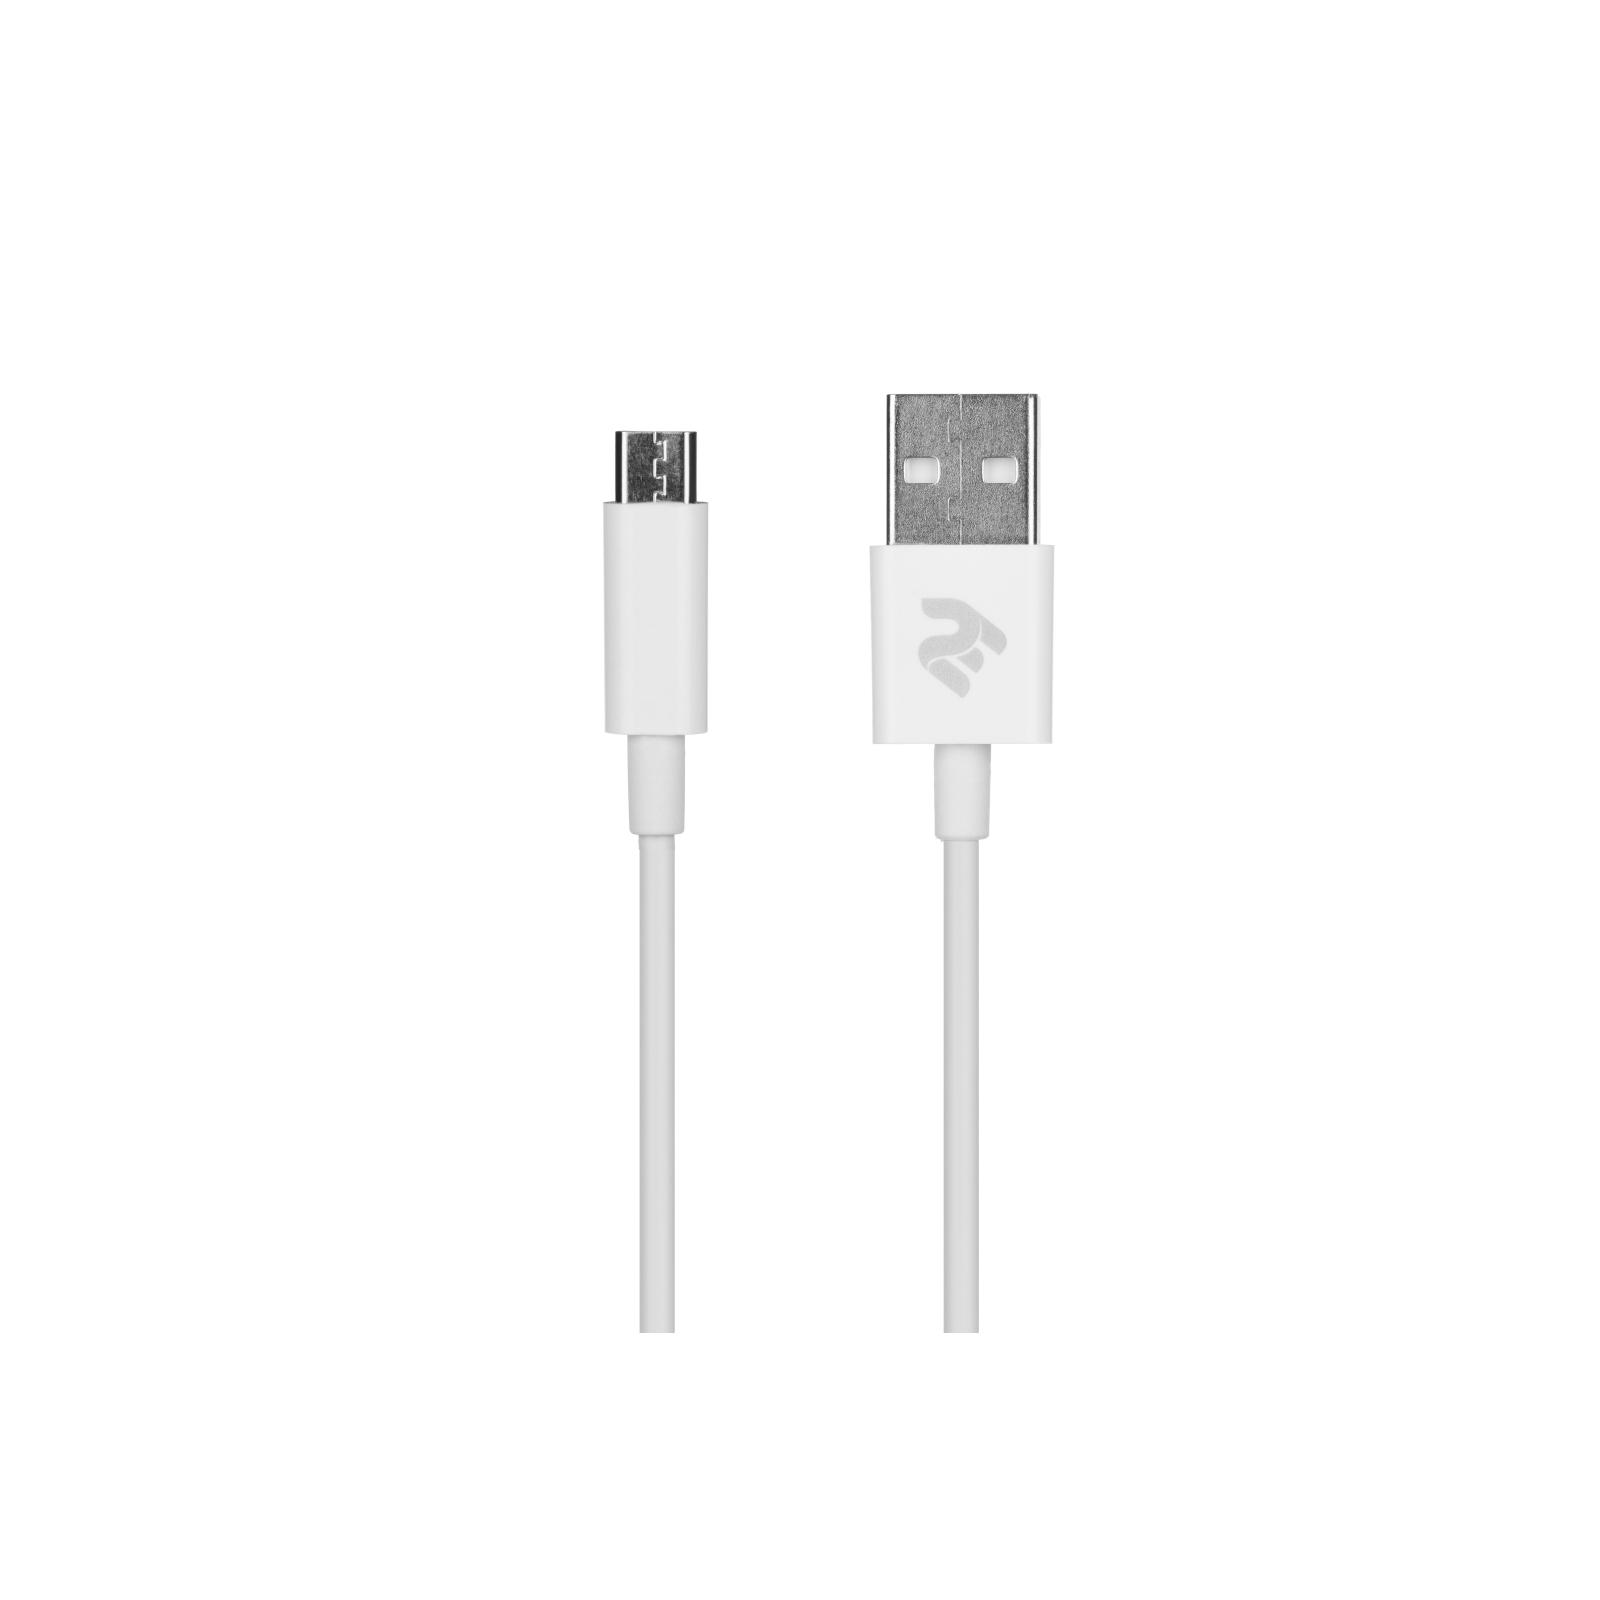 Дата кабель USB 2.0 AM to Micro 5P 1.0m black 2E (2E-CCMAB-BL)